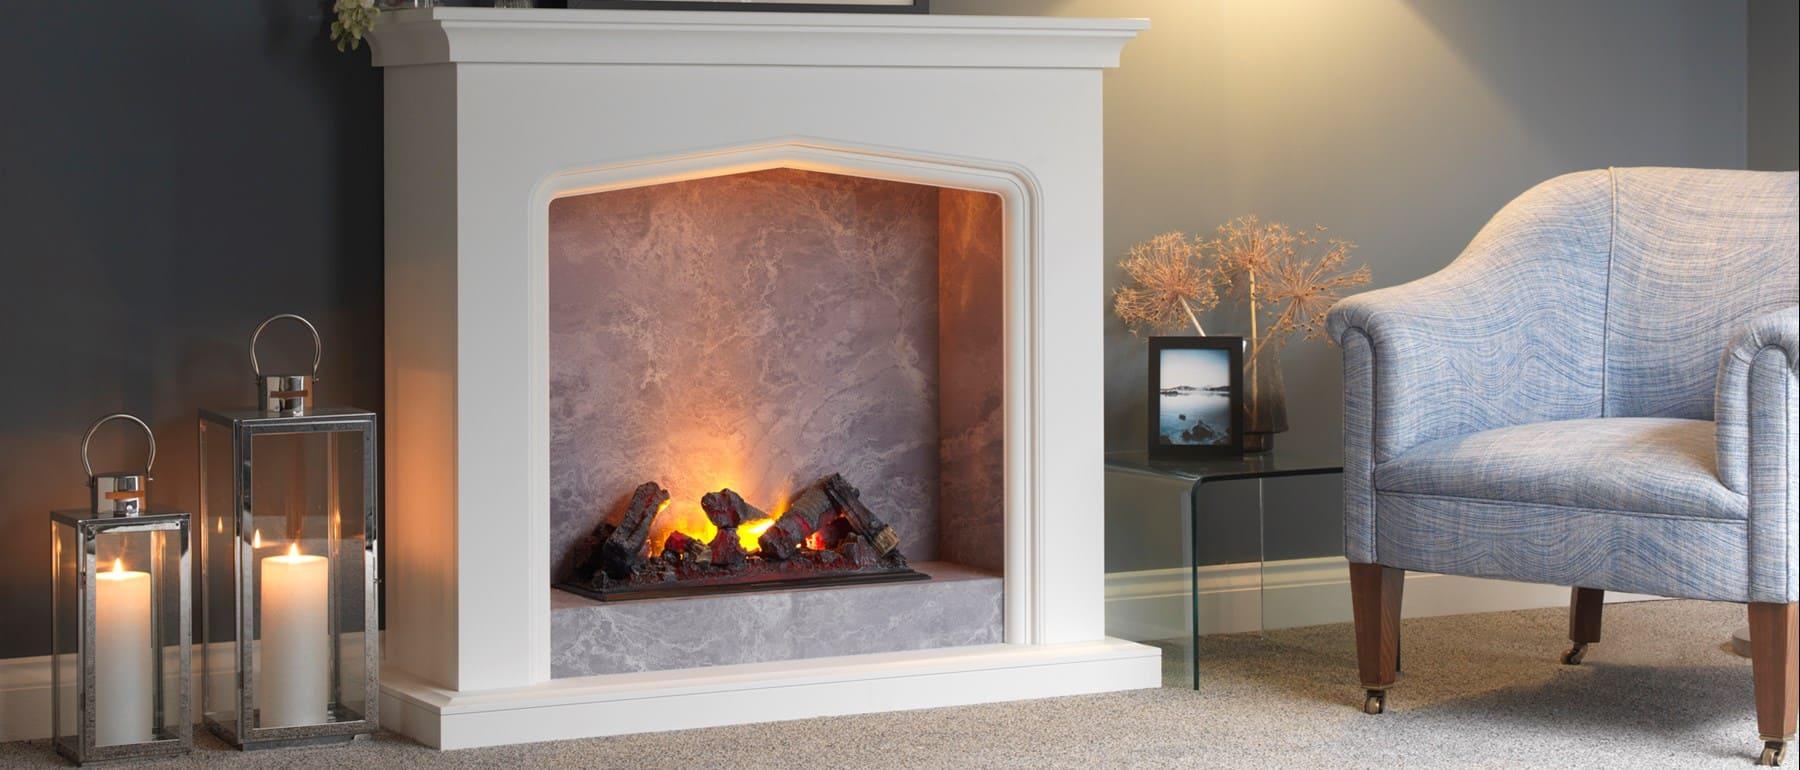 Italia Arona Opti-myst Fireplace Electric Suite